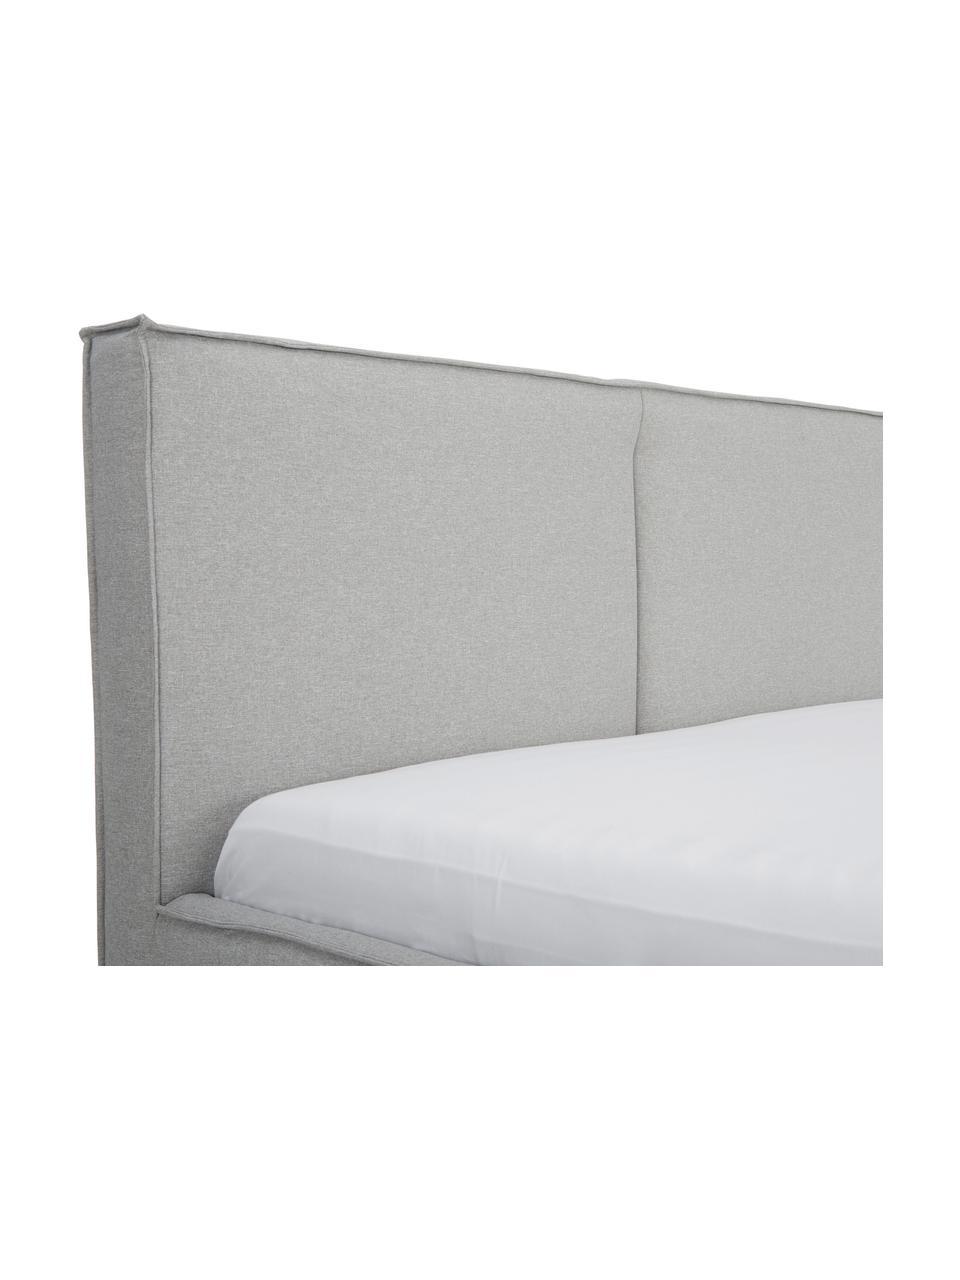 Letto imbottito in tessuto grigio con contenitore Dream, Rivestimento: Poliestere (tessuto strut, Grigio scuro, 180 x 200 cm